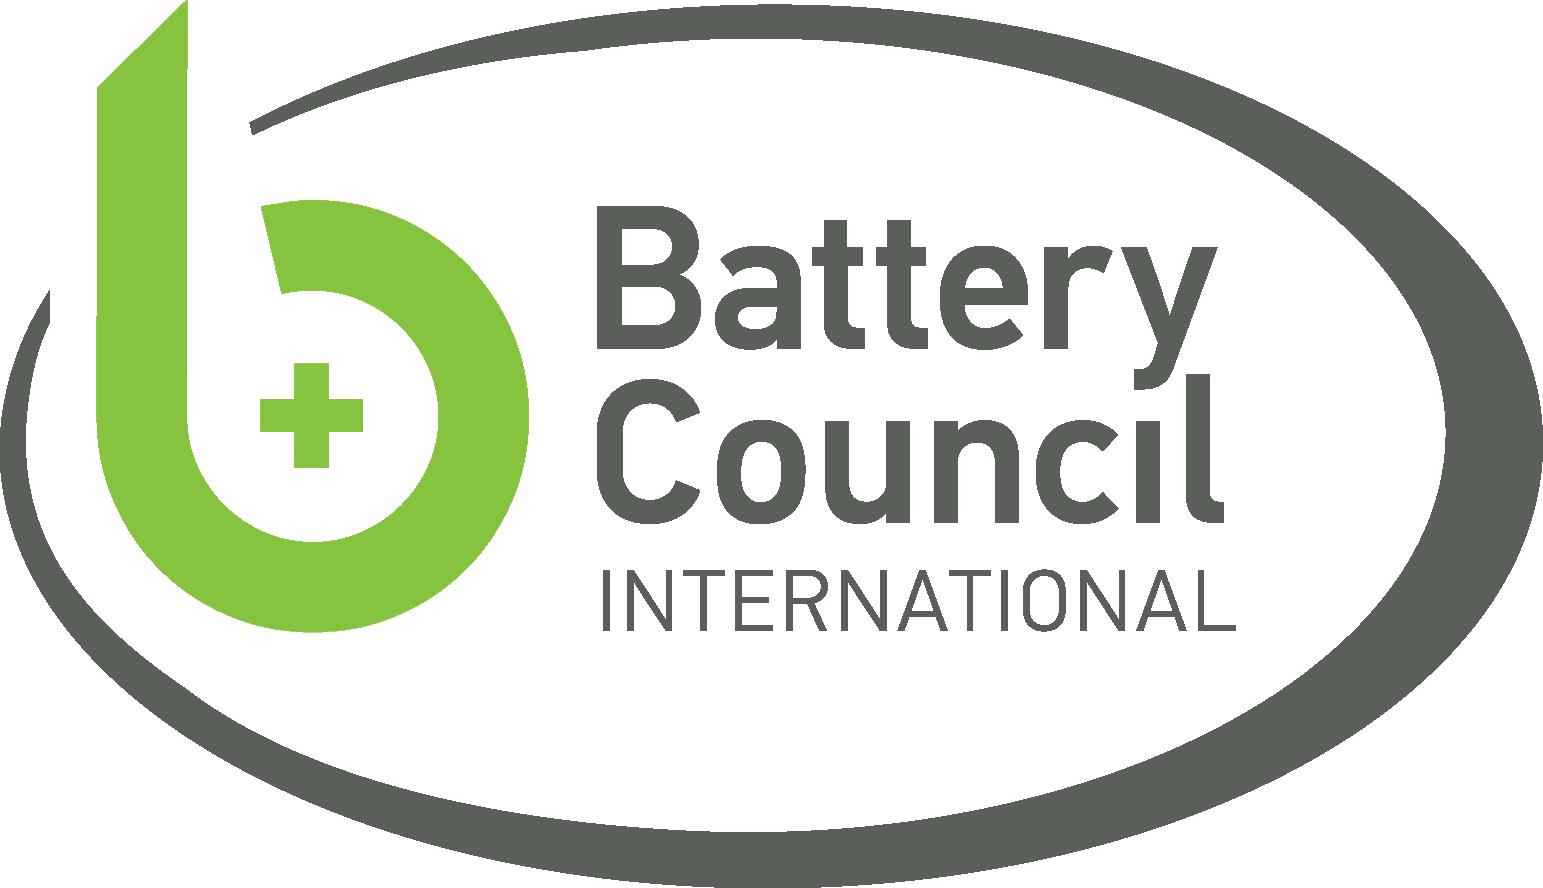 Battery Council International